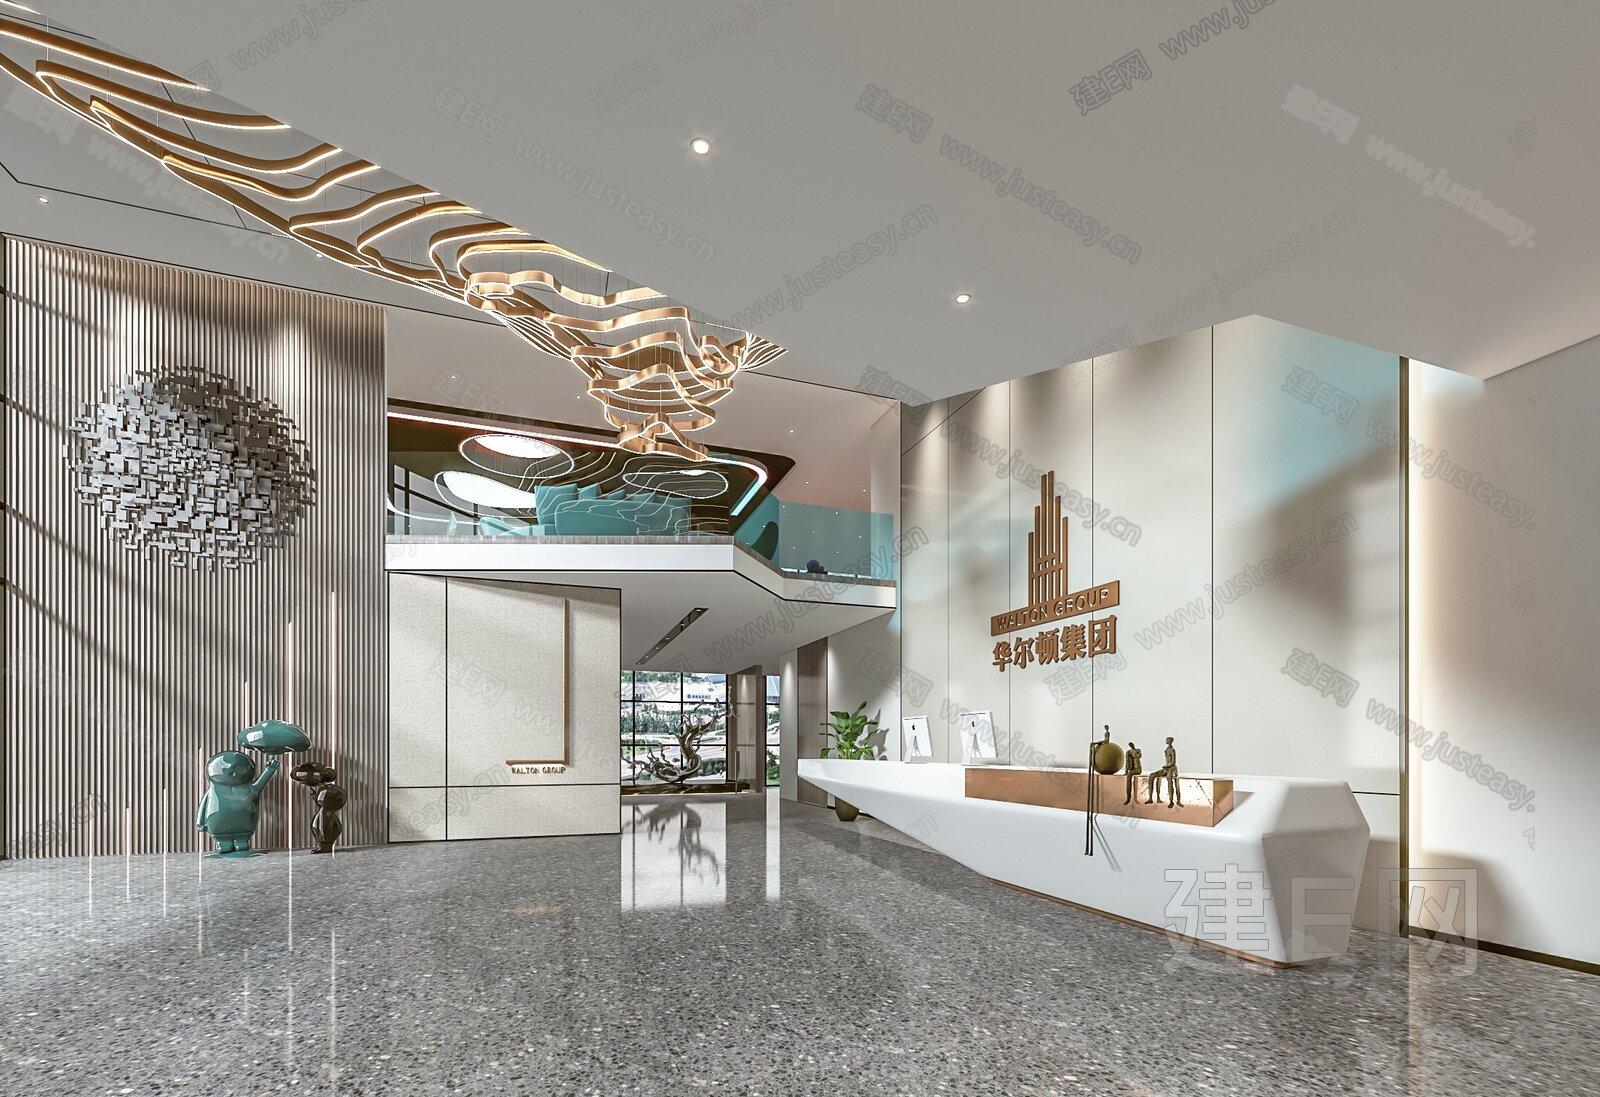 现代办公空间3d模型